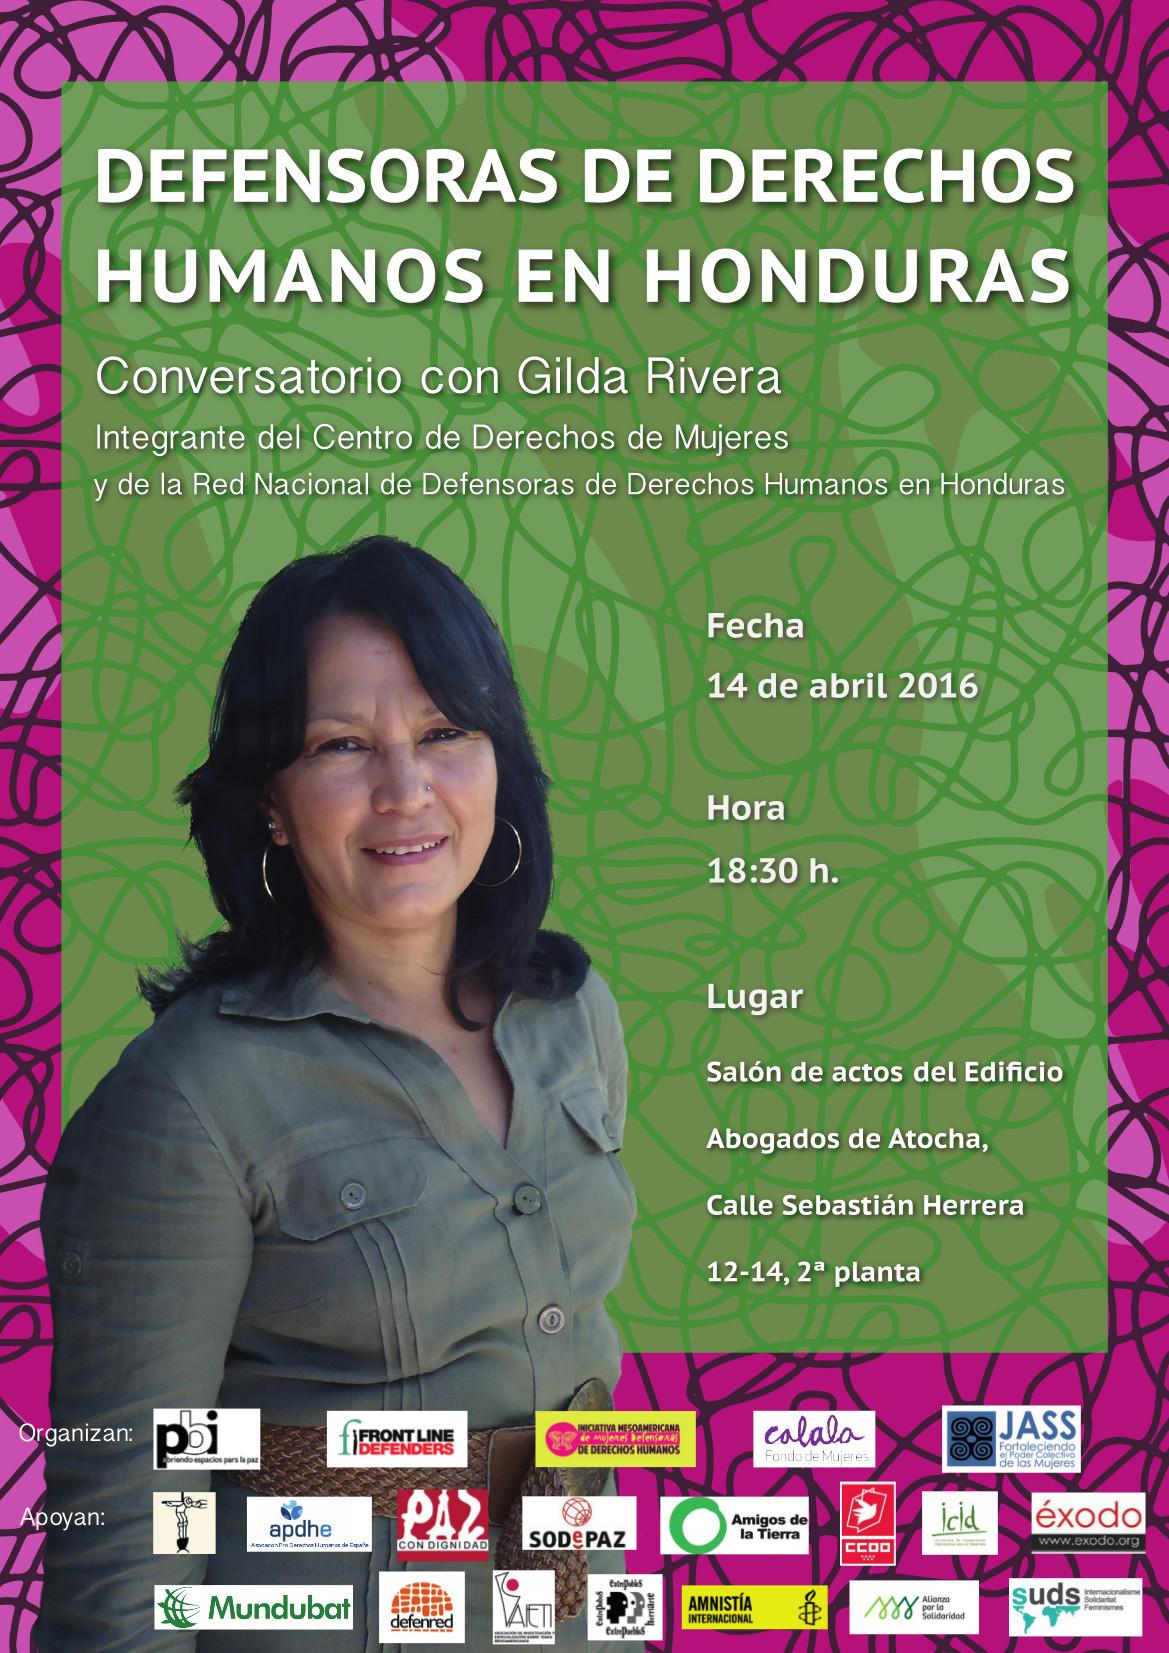 Ir a Madrid: Defensoras de derechos humanos en Honduras